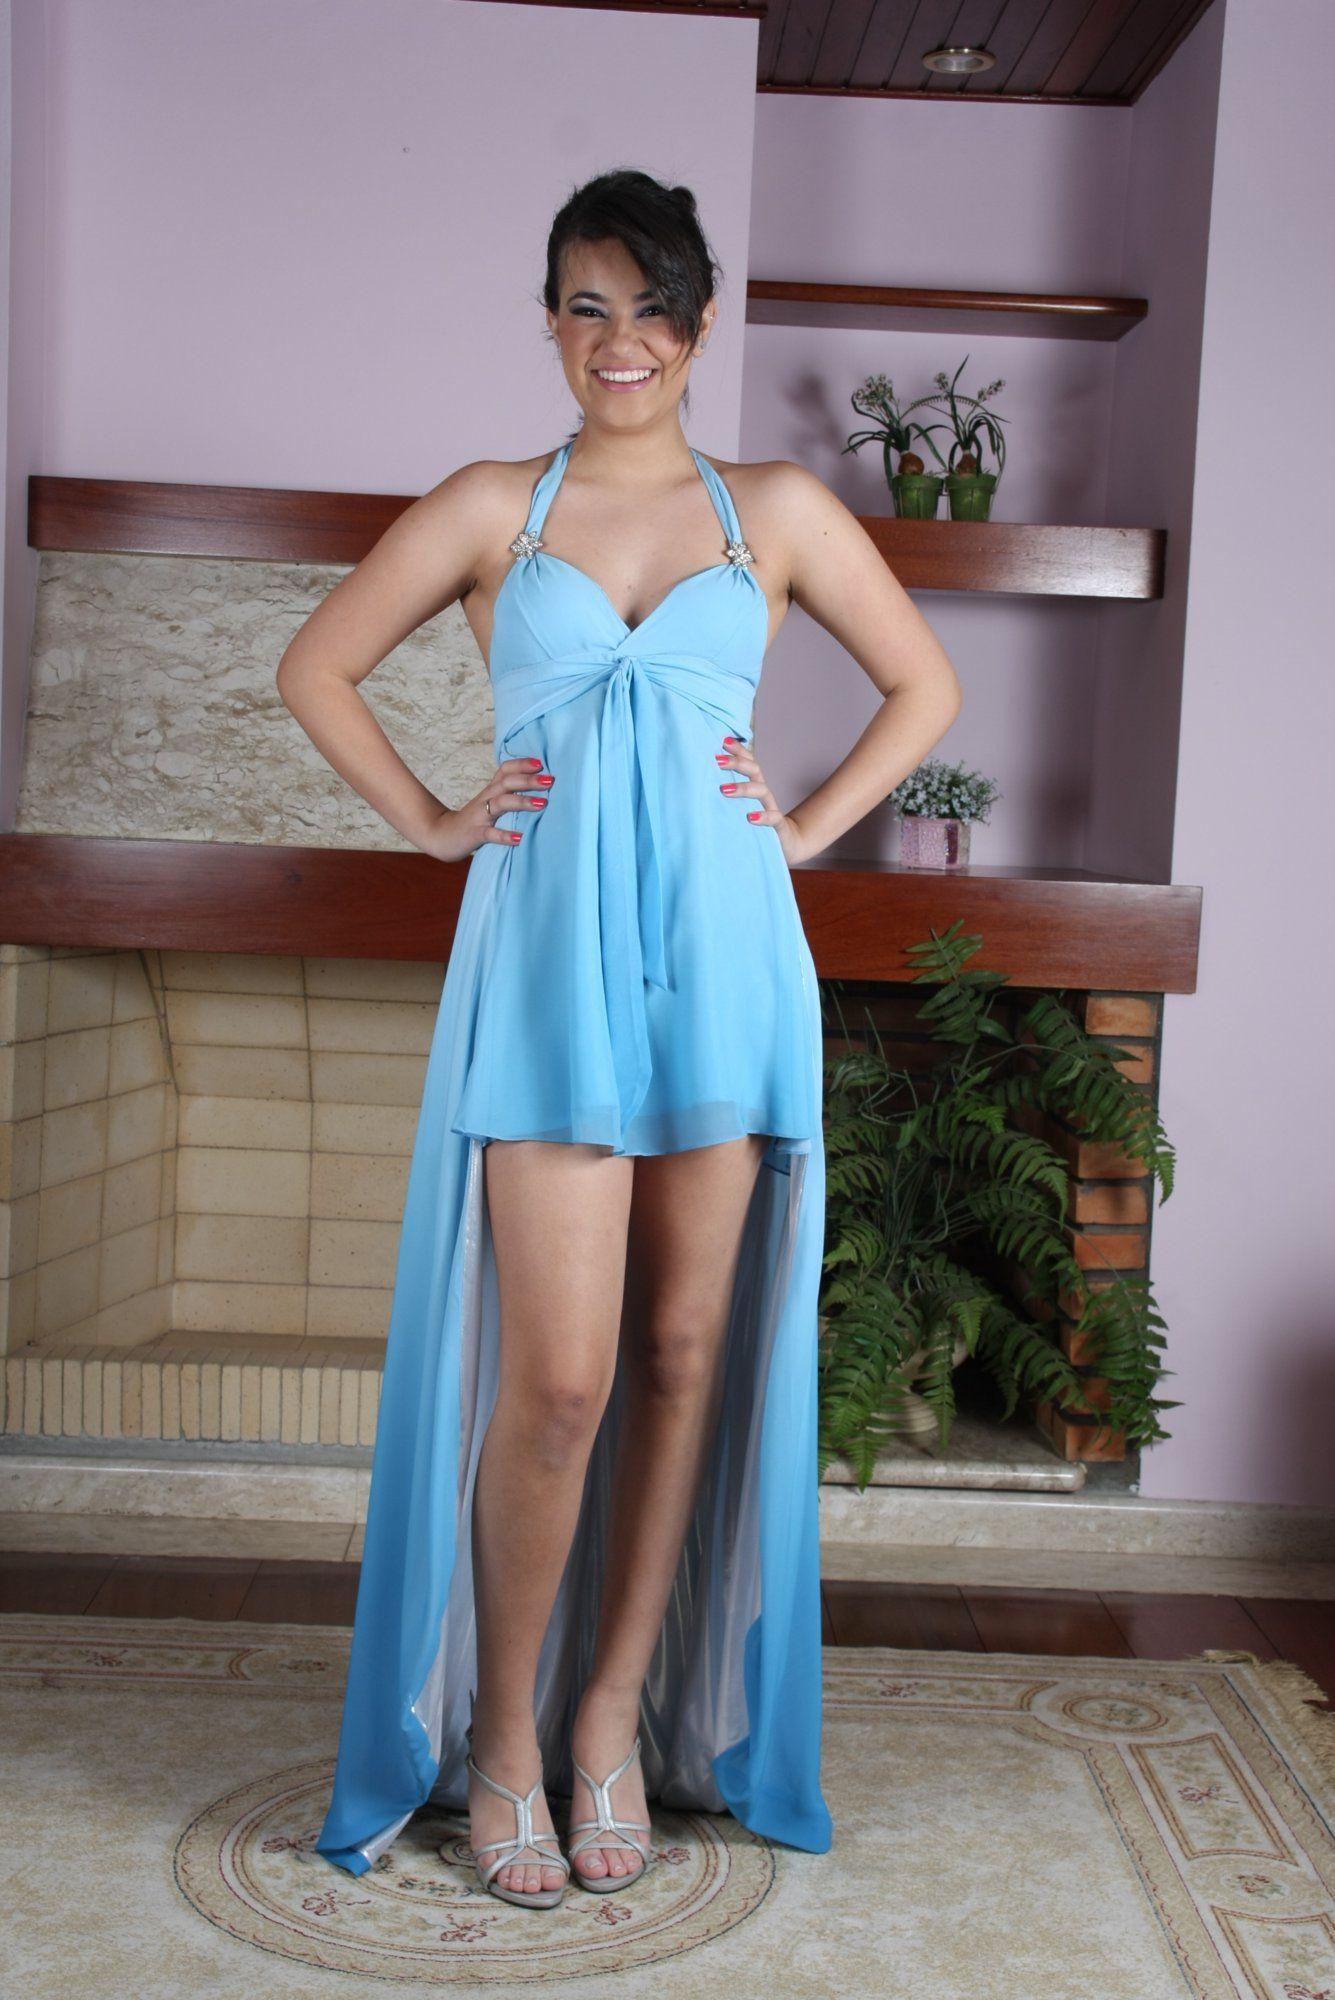 Vestido de Debutante Azul - 1 - Hipnose Alta Costura e Spa para Noivas e Noivos - Campinas - SP Vestido de Debutante, Vestido de Debutante Azul, Hipnose Alta Costura